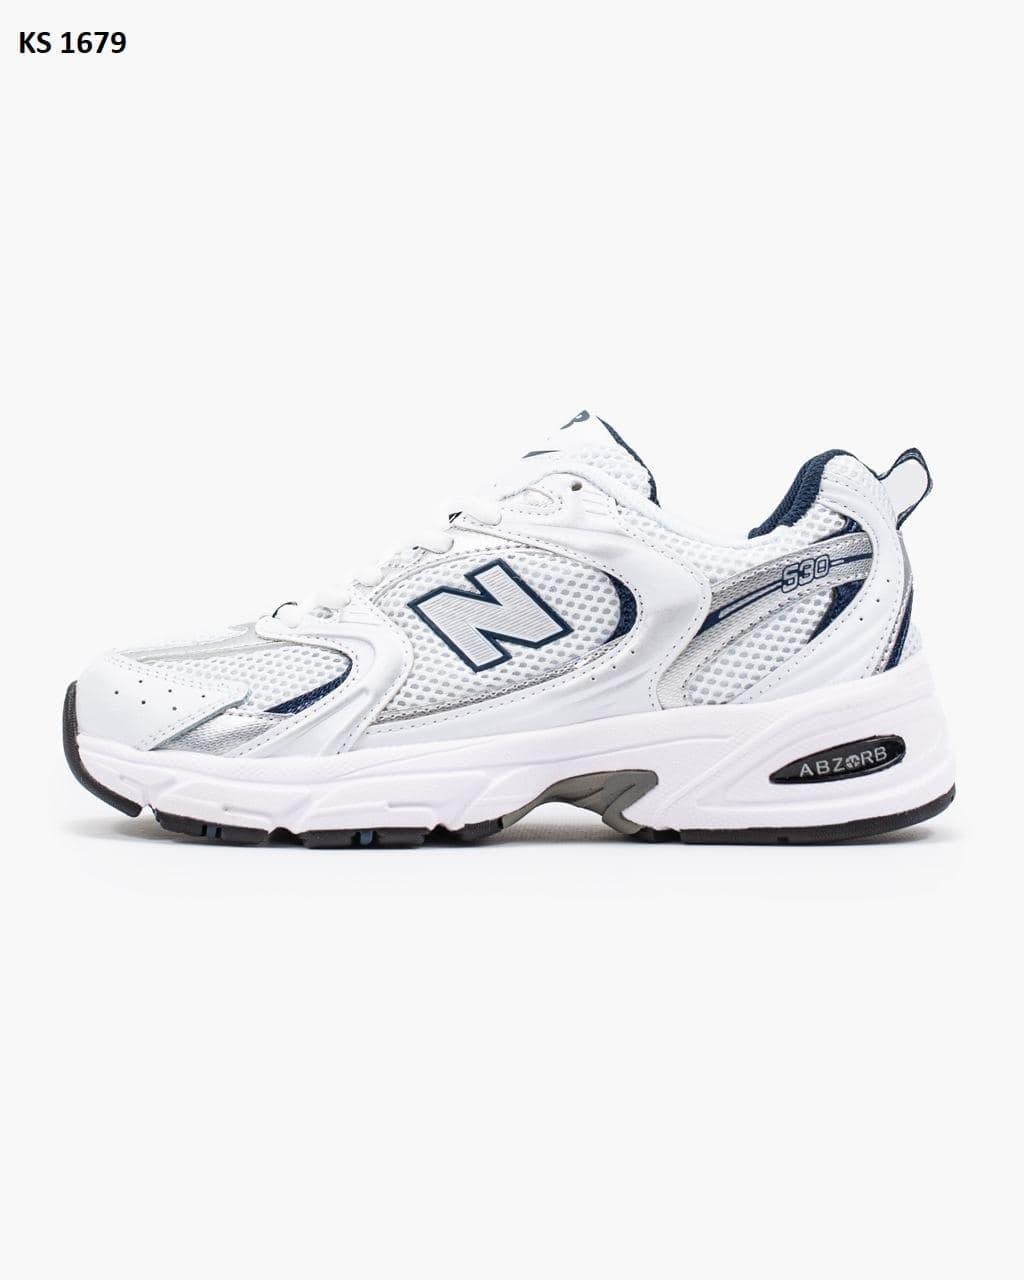 Женские кроссовки New Balance 530 Abzorb (белые) KS 1679 качественные кроссы